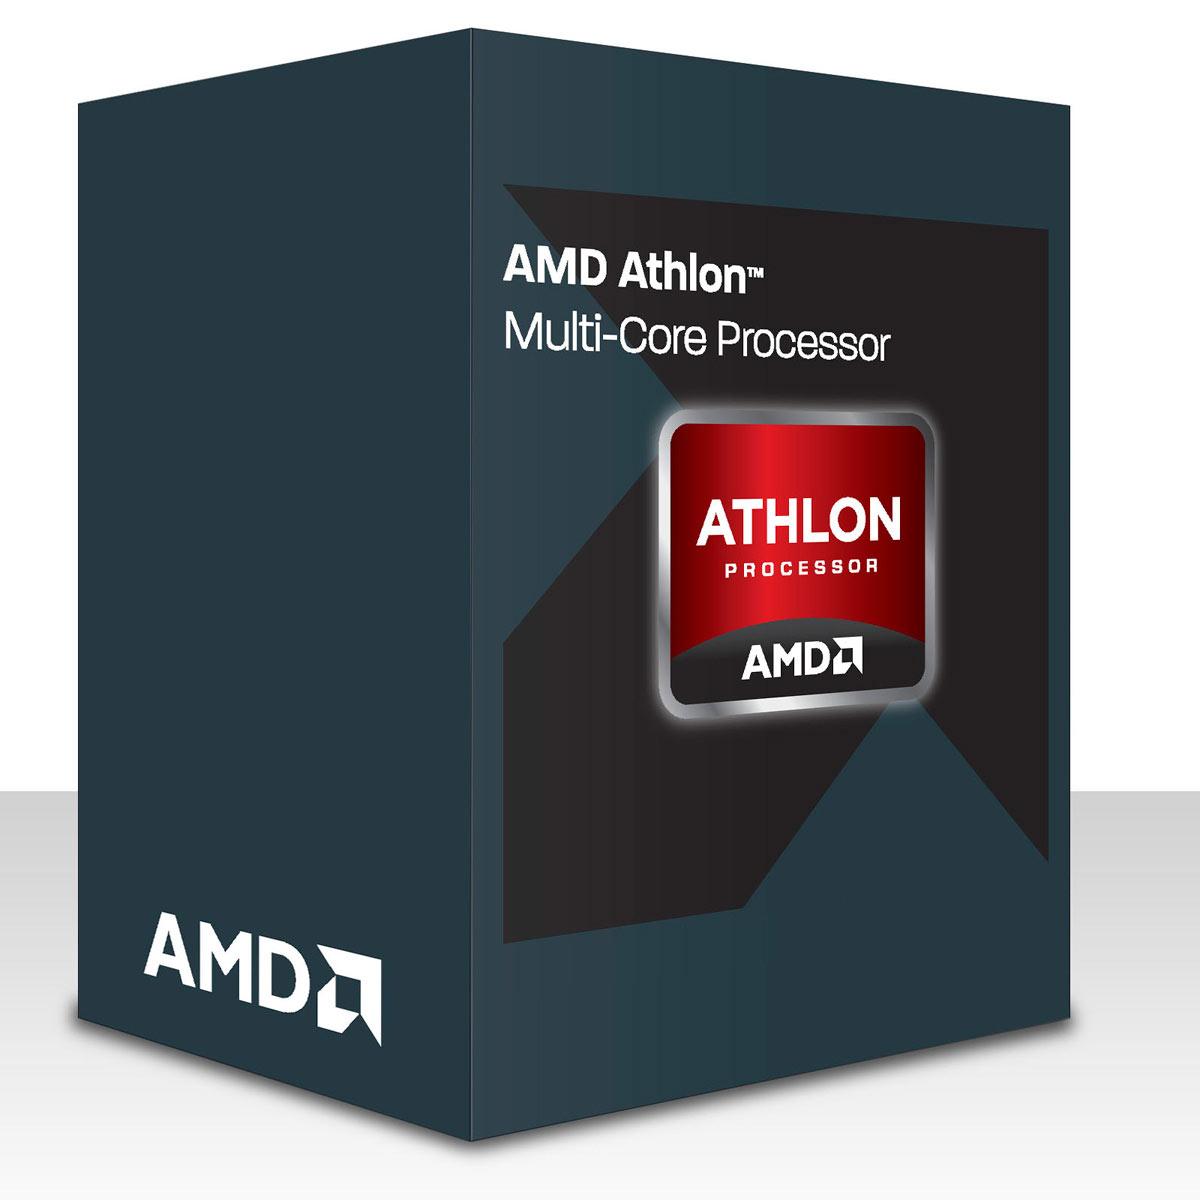 Processeur AMD Athlon X4 860K (3.7 GHz) Processeur Quad Core Socket FM2+ 0.028 micron Cache L2 4 Mo (version boîte - garantie constructeur 3 ans)